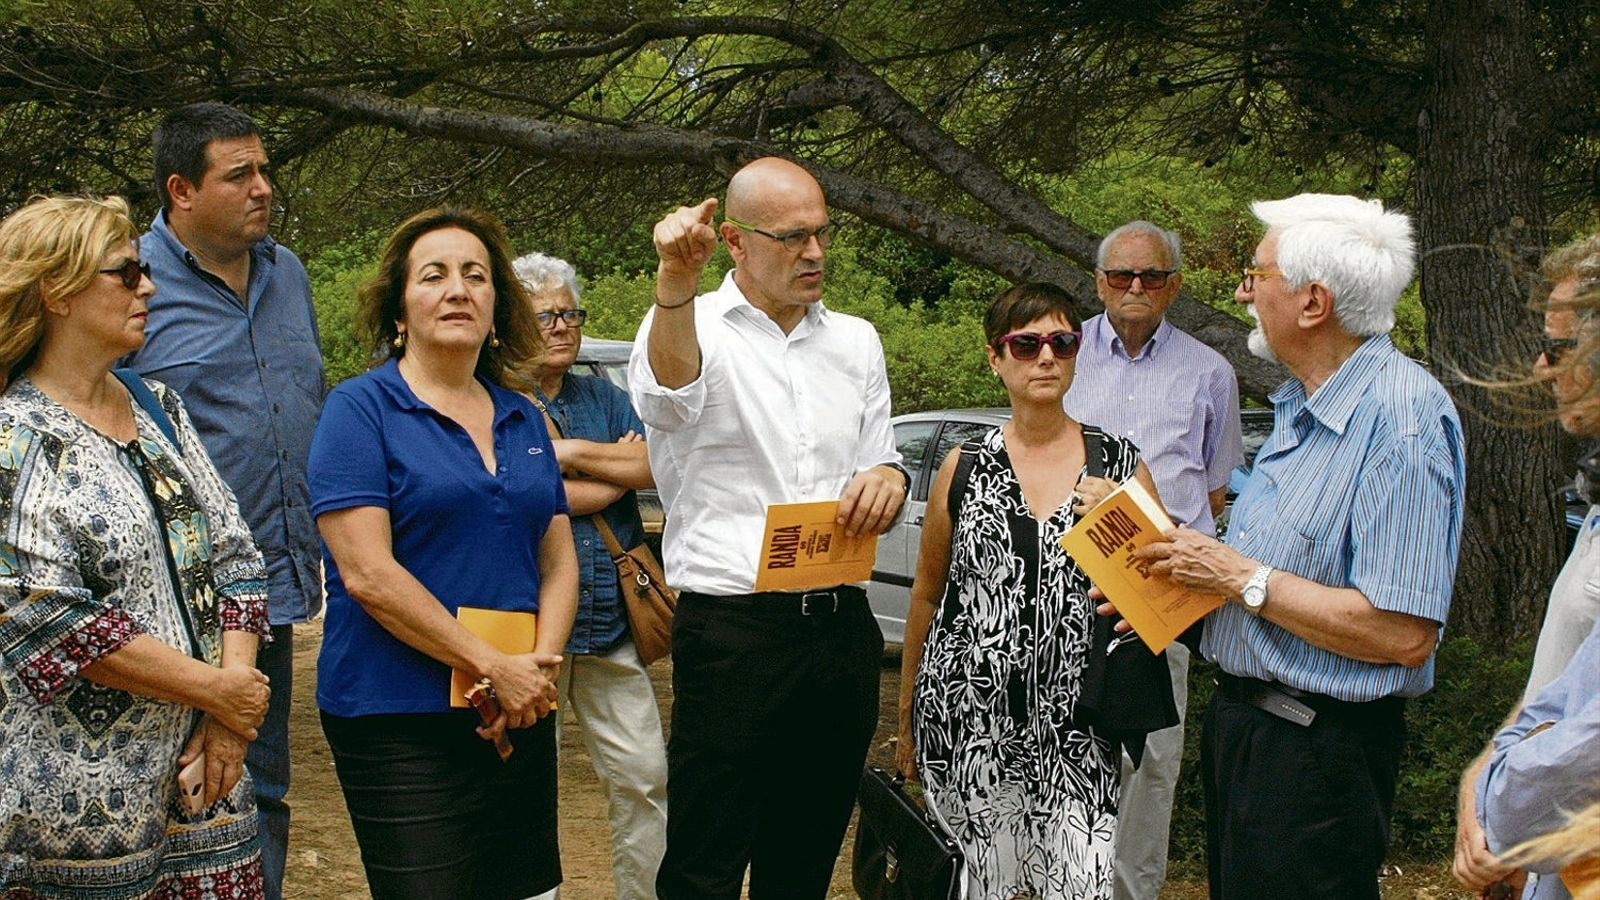 El 21 de juliol de 2017, el conseller de la Generalitat Raül Romeva (enmig) visità la zona de sa Coma, acompanyat per la consellera de Cultura del Govern, Fanny Tur, membres de Memòria de Mallorca i l'historiador Antoni Tugores (dreta).